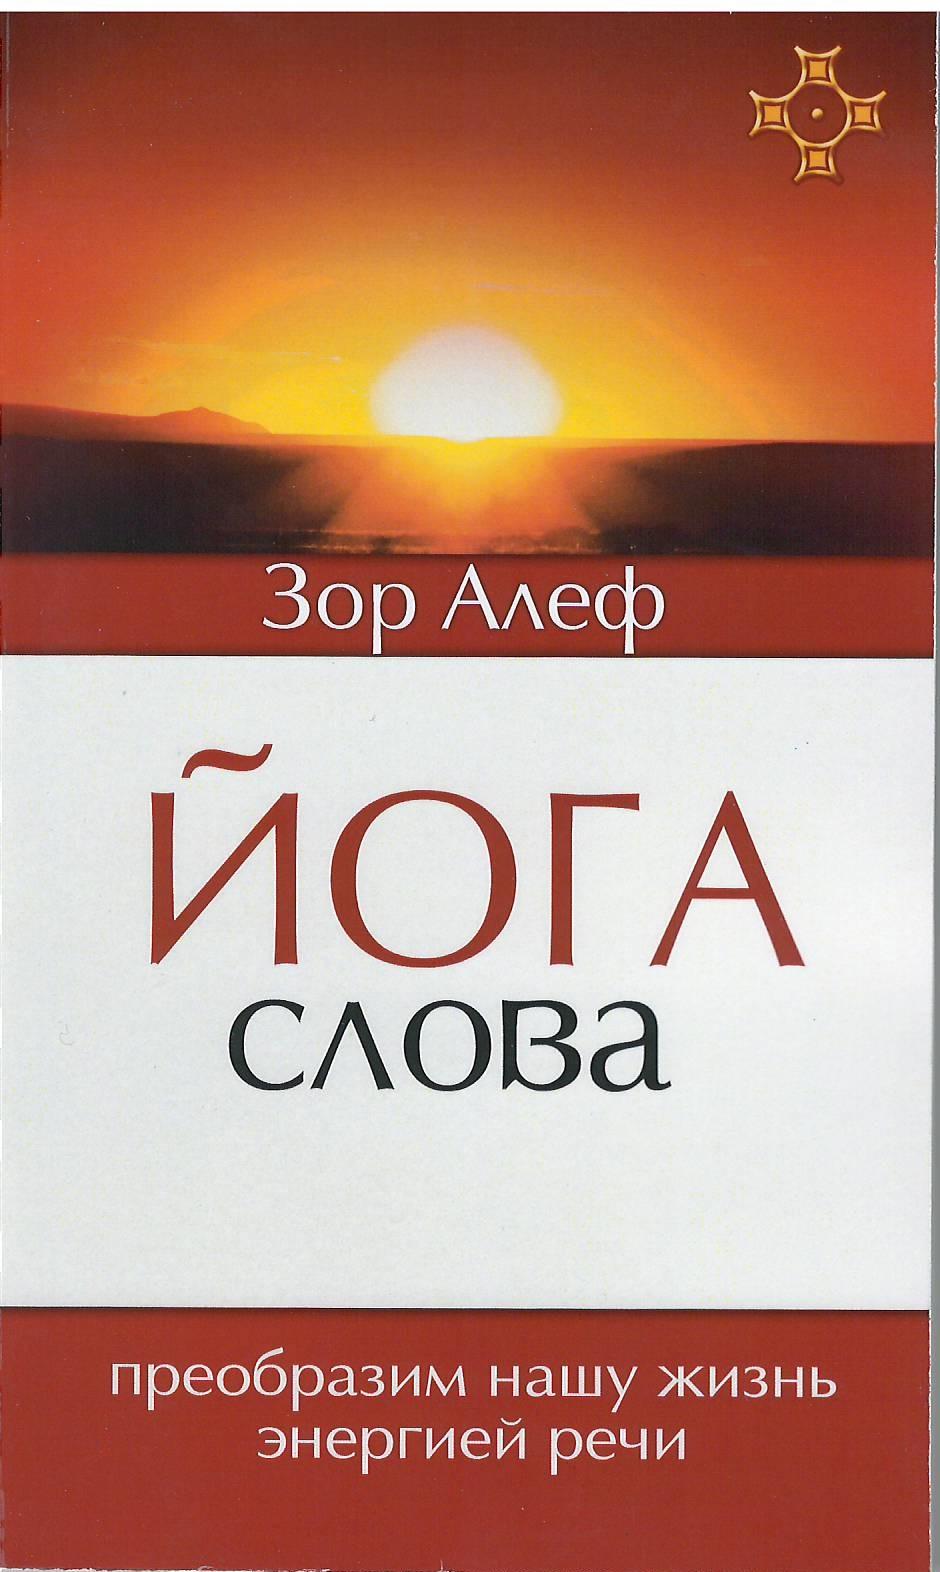 Йога Слова. Преобразим нашу жизнь энергией речи. 3-е изд